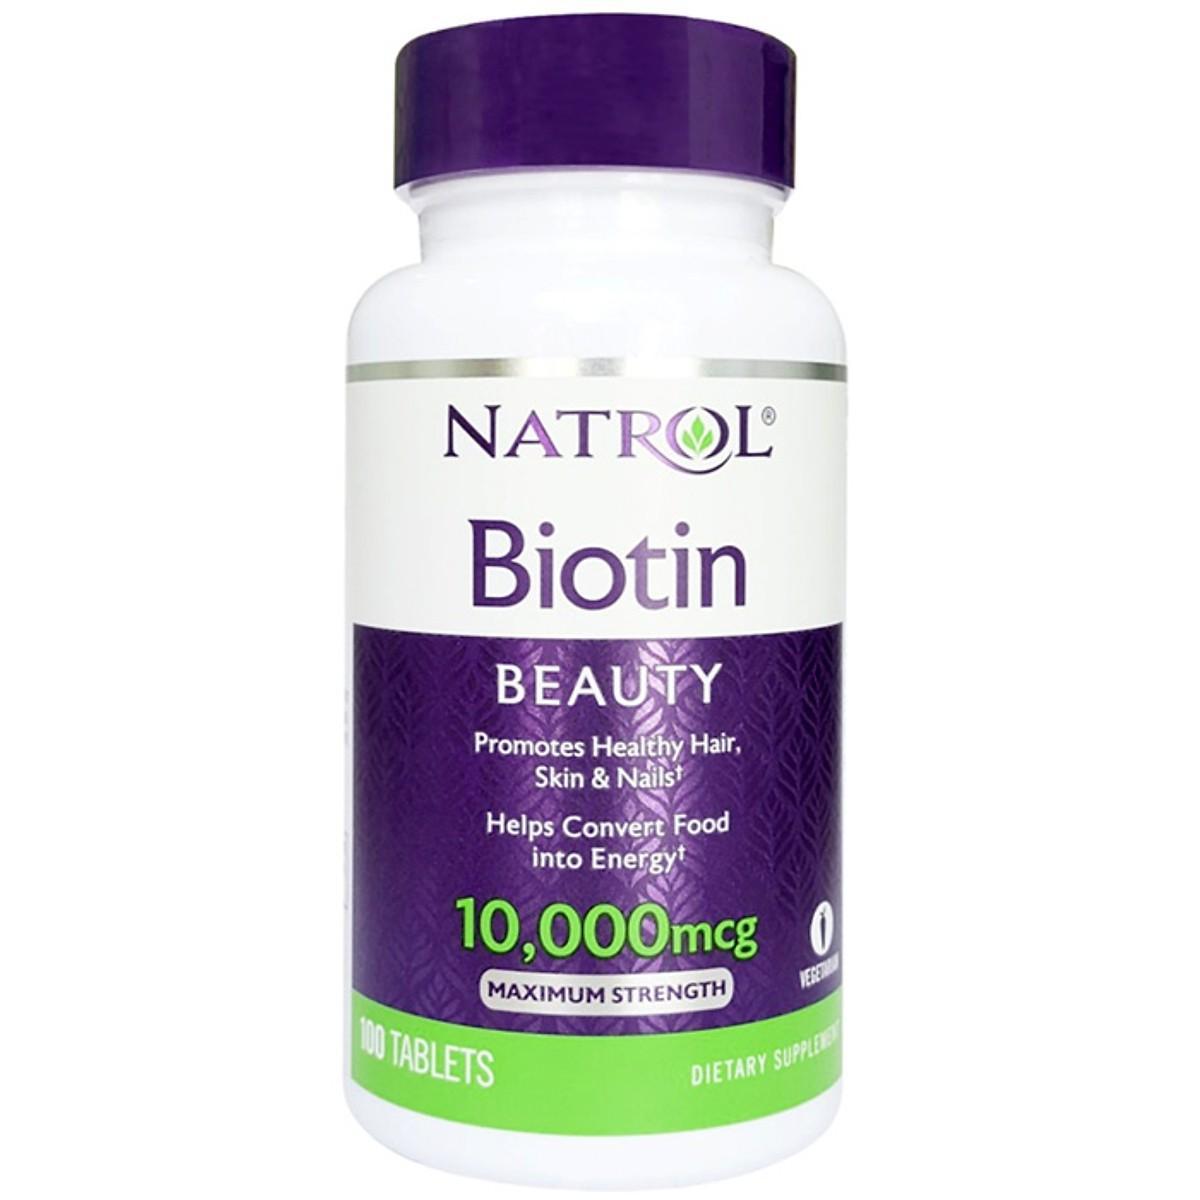 Thực phẩm chức năng bảo vệ sức khỏe Natrol Biotin Beauty 10000 mcg - Hộp 100 viên cao cấp